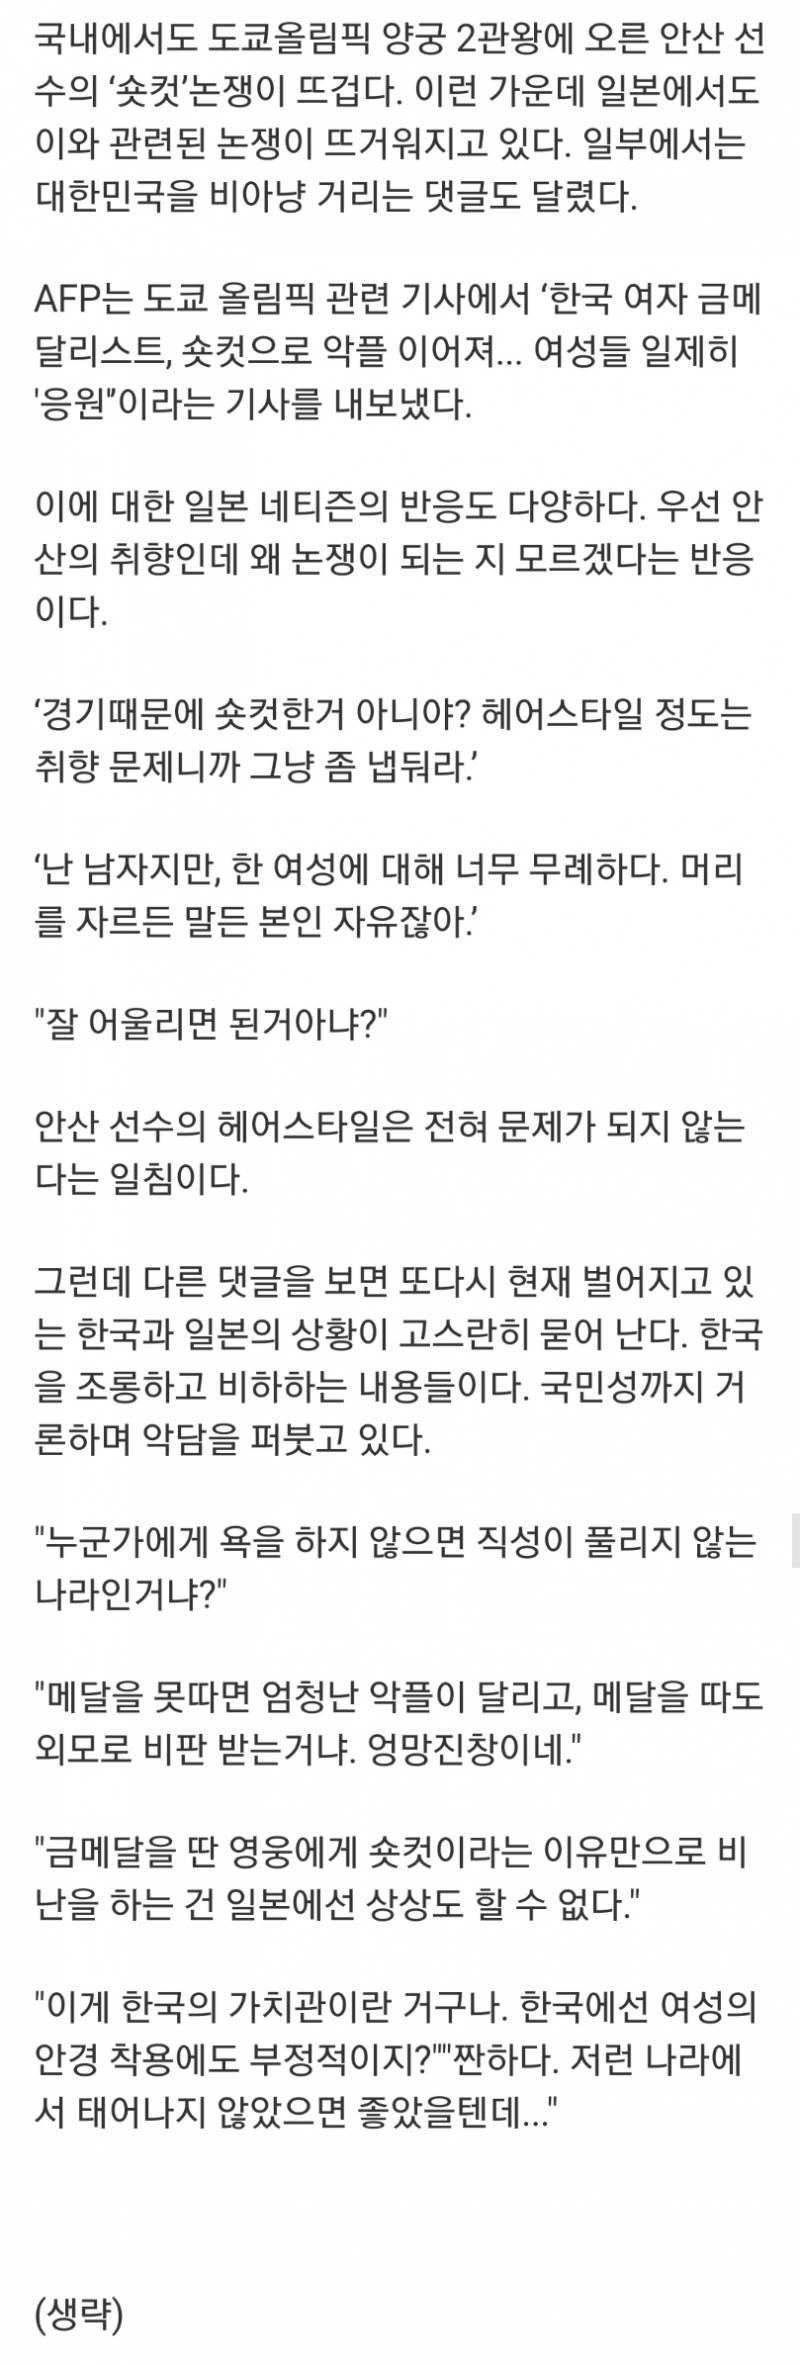 '저런 나라에 태어나지않는 게 다행'…'숏컷' 논쟁에 일본 네티즌 조롱 | 인스티즈